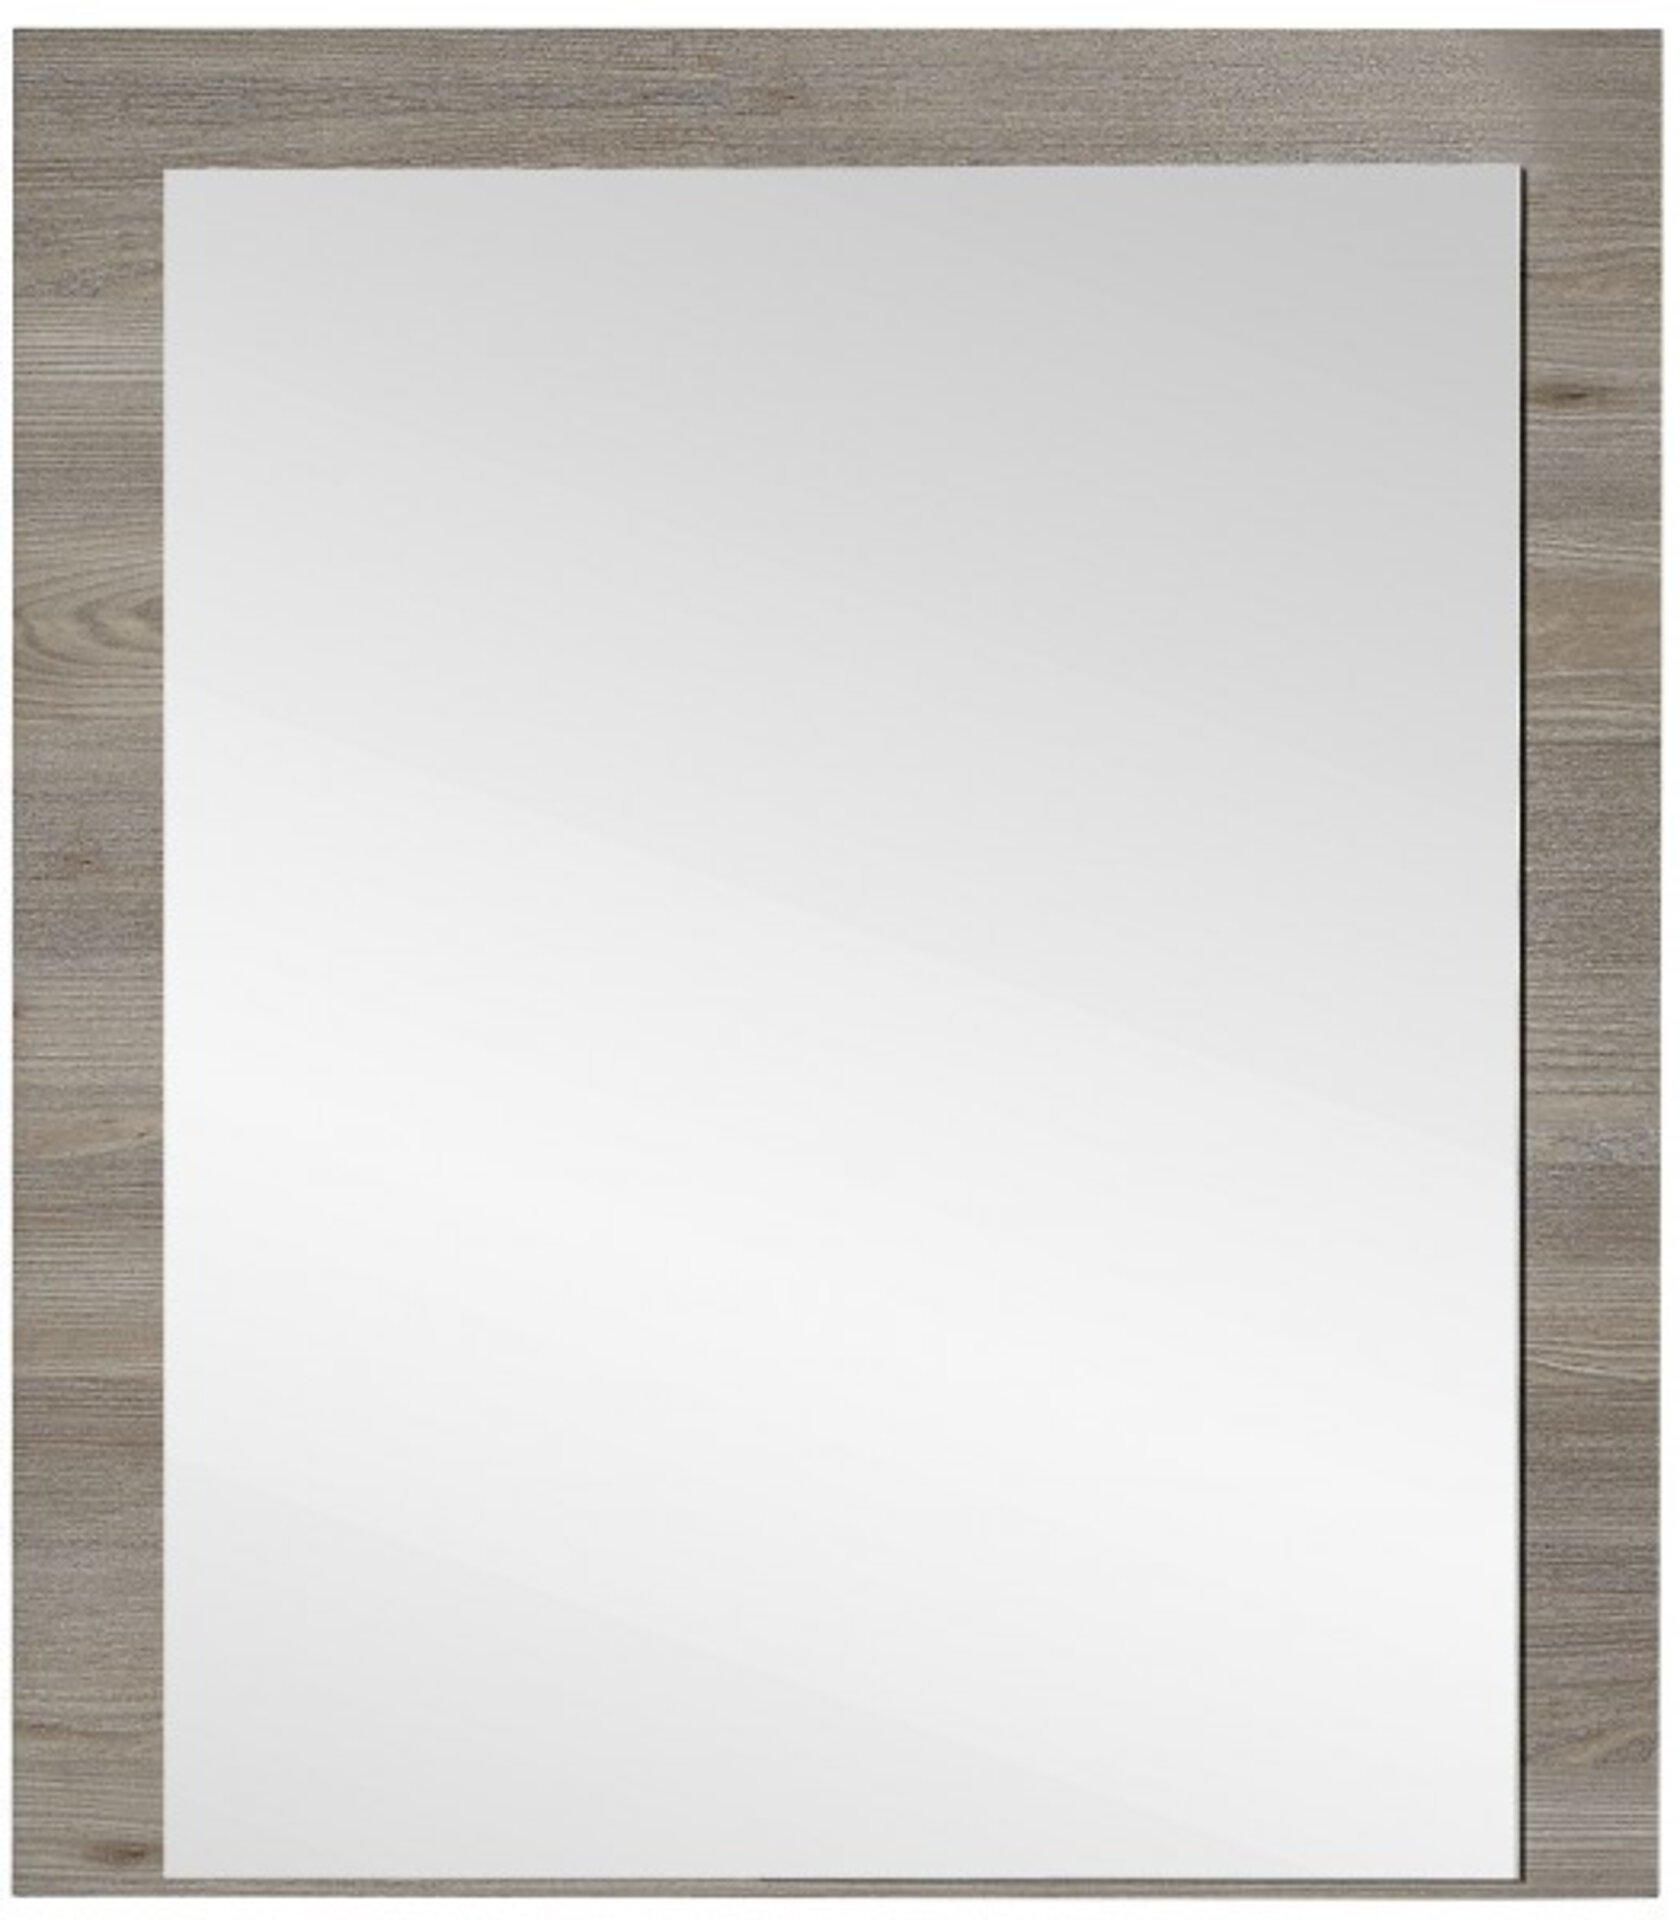 Spiegel ROCKY inDoor Holzwerkstoff braun 2 x 85 x 75 cm